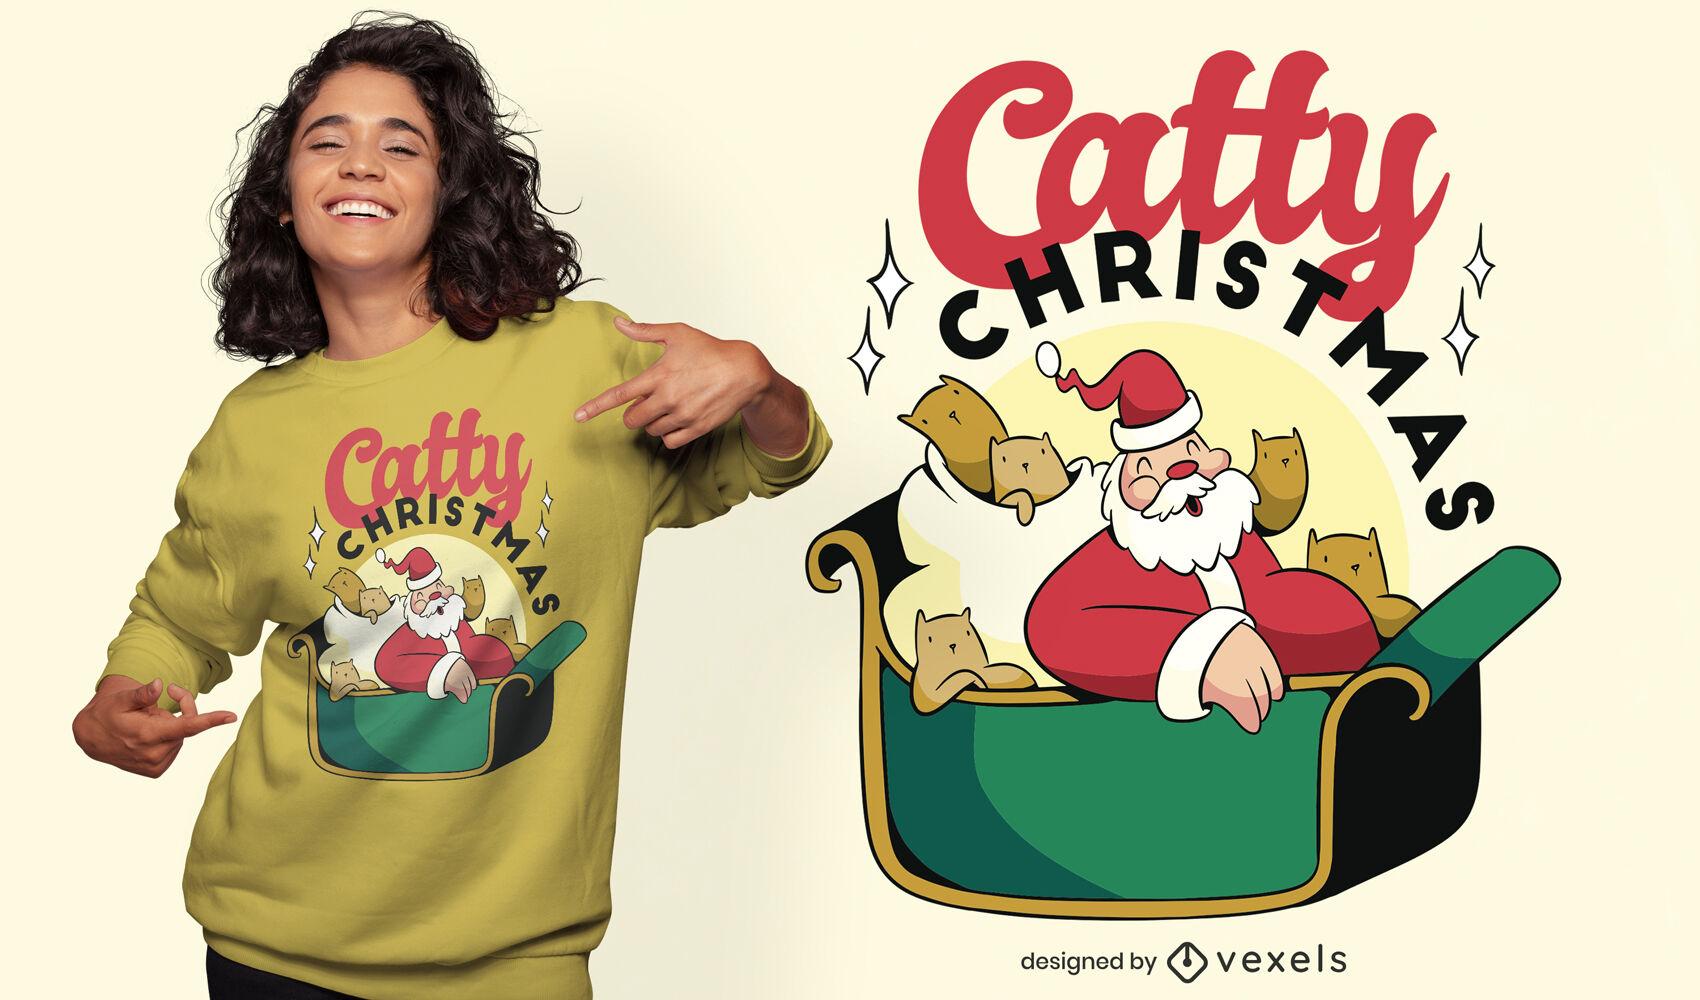 Lovely catty Christmas t-shirt design